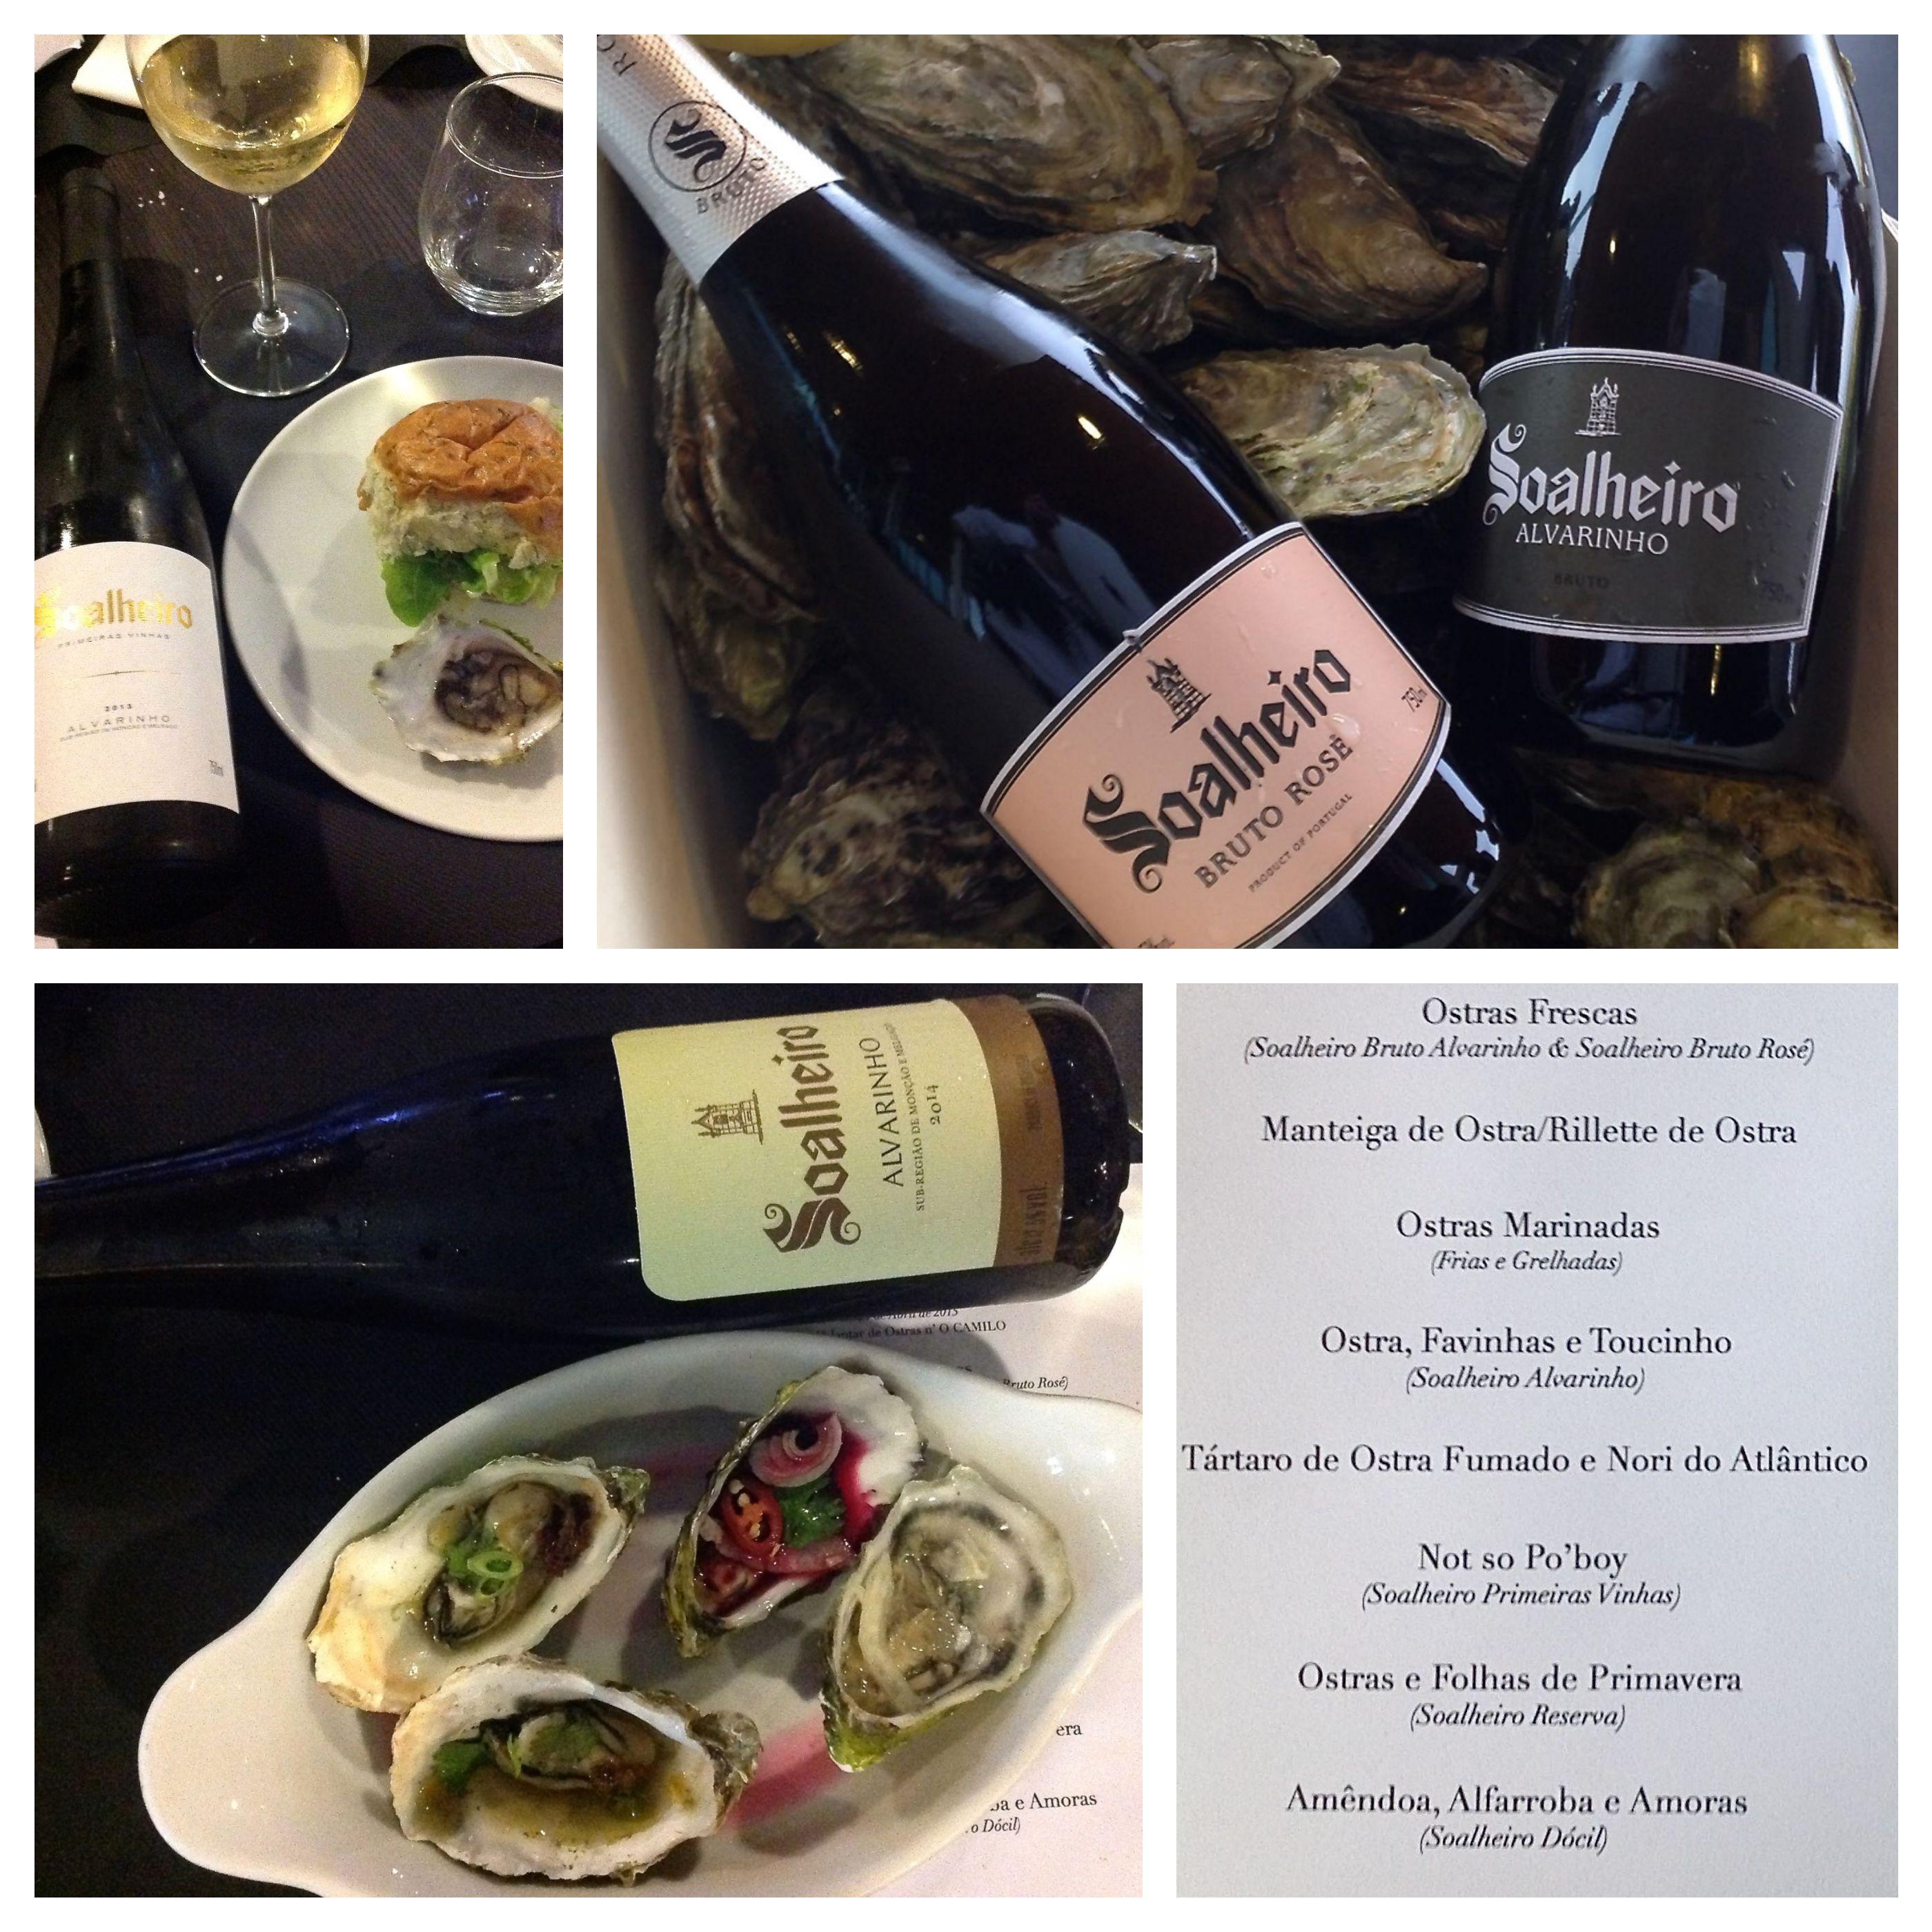 Sugestão gastronómica para o fim‑de‑semana em duas palavras: puro prazer… com #Soalheiro.  Gastronomic tip for the weekend in two words: pure pleasure… with #Soalheiro.  #wine #luxury #food